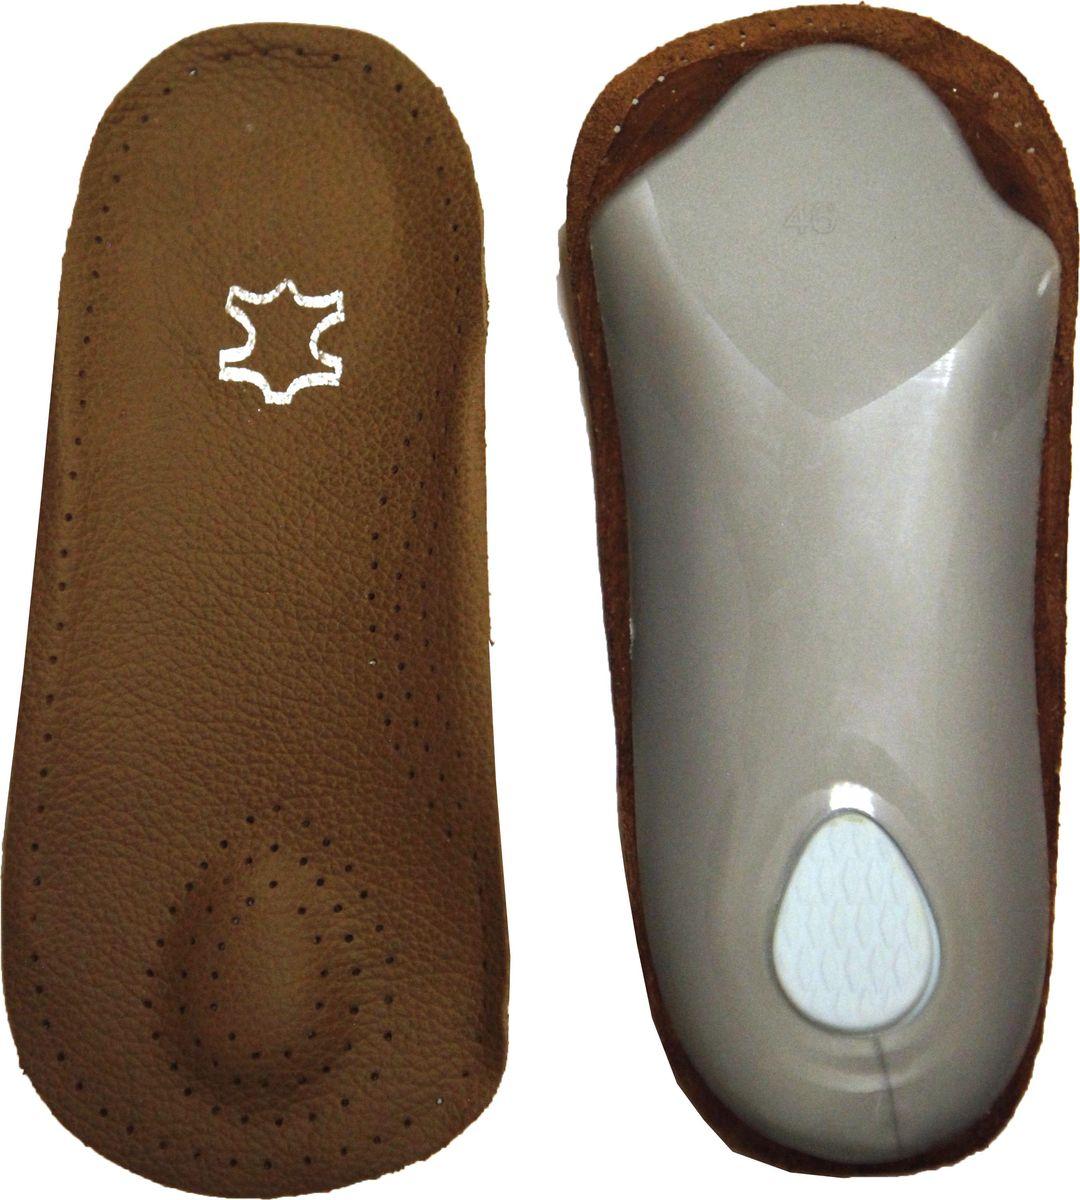 Полустельки для обуви Практика Здоровья, цвет: коричневый. ПСТК1. Размер 35/36ПСТК1Полустелька каркасная кожанаяобеспечивает поддержку продольного и поперечного сводов стопы и защищает от развития плоскостопия. Имеет пяточный амортизатор, обеспечивающий снижение ударной нагрузки на пятку.